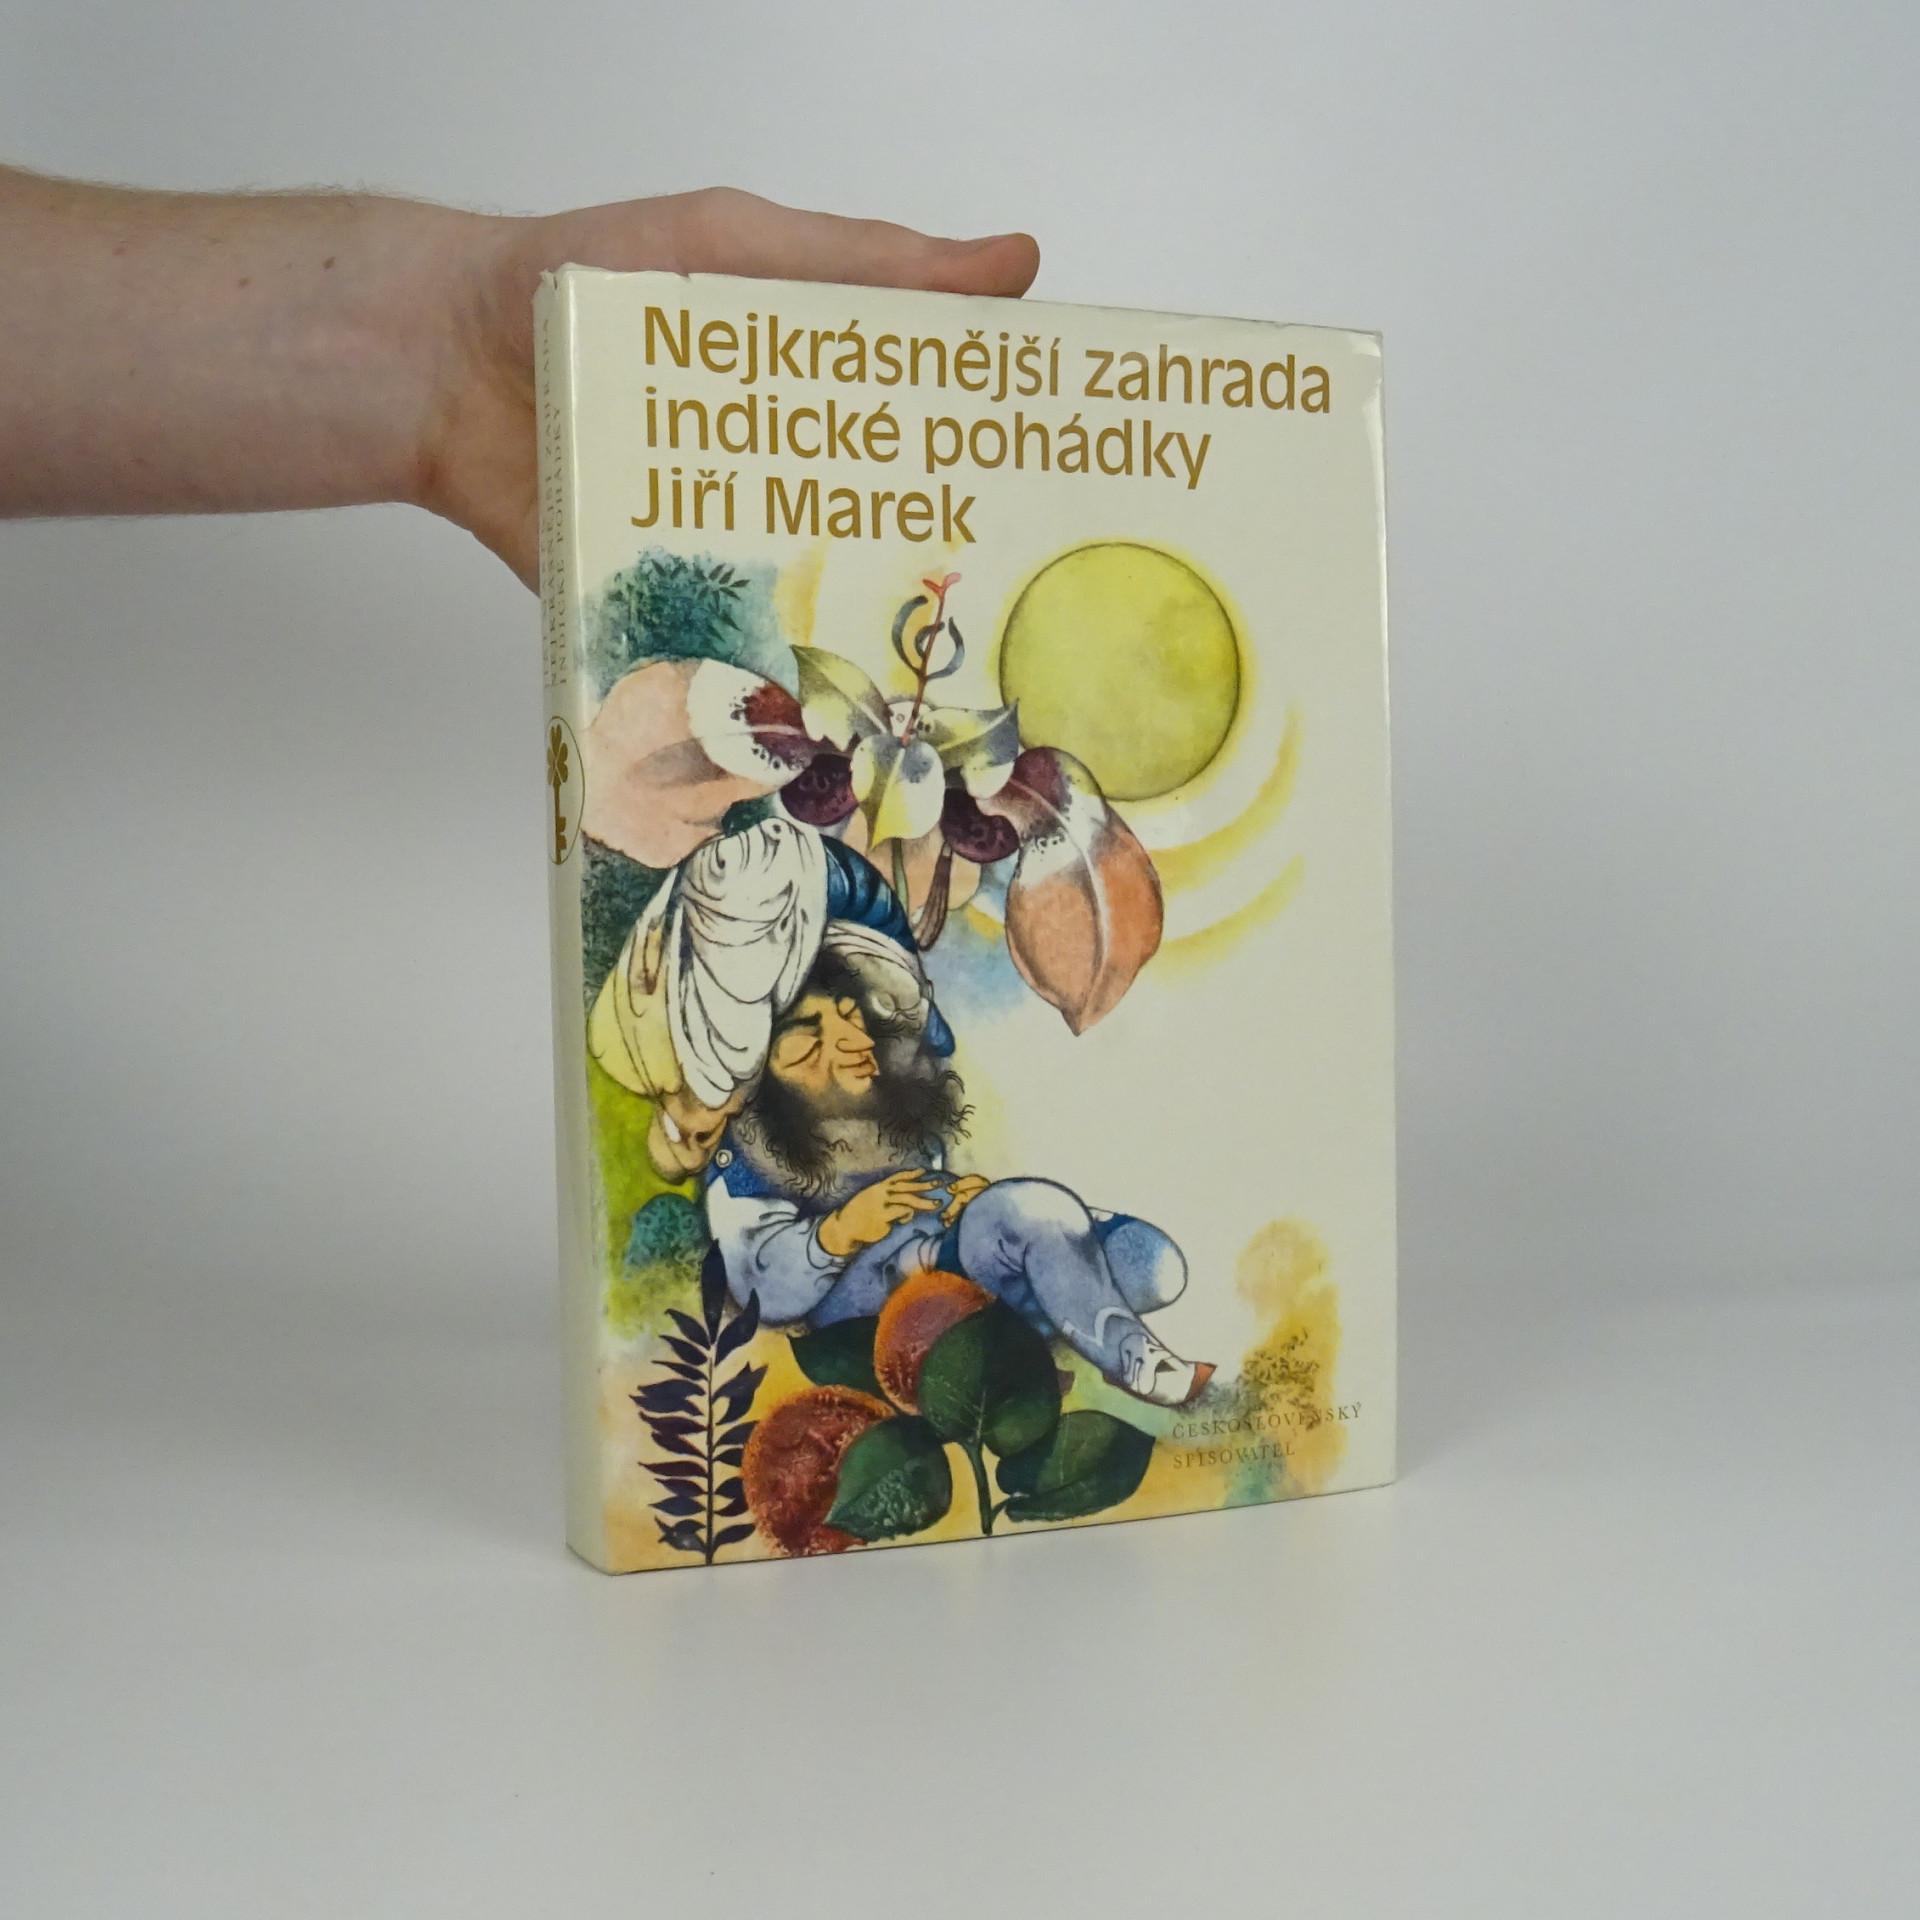 antikvární kniha Nejkrásnější zahrada : Indické pohádky, 1973